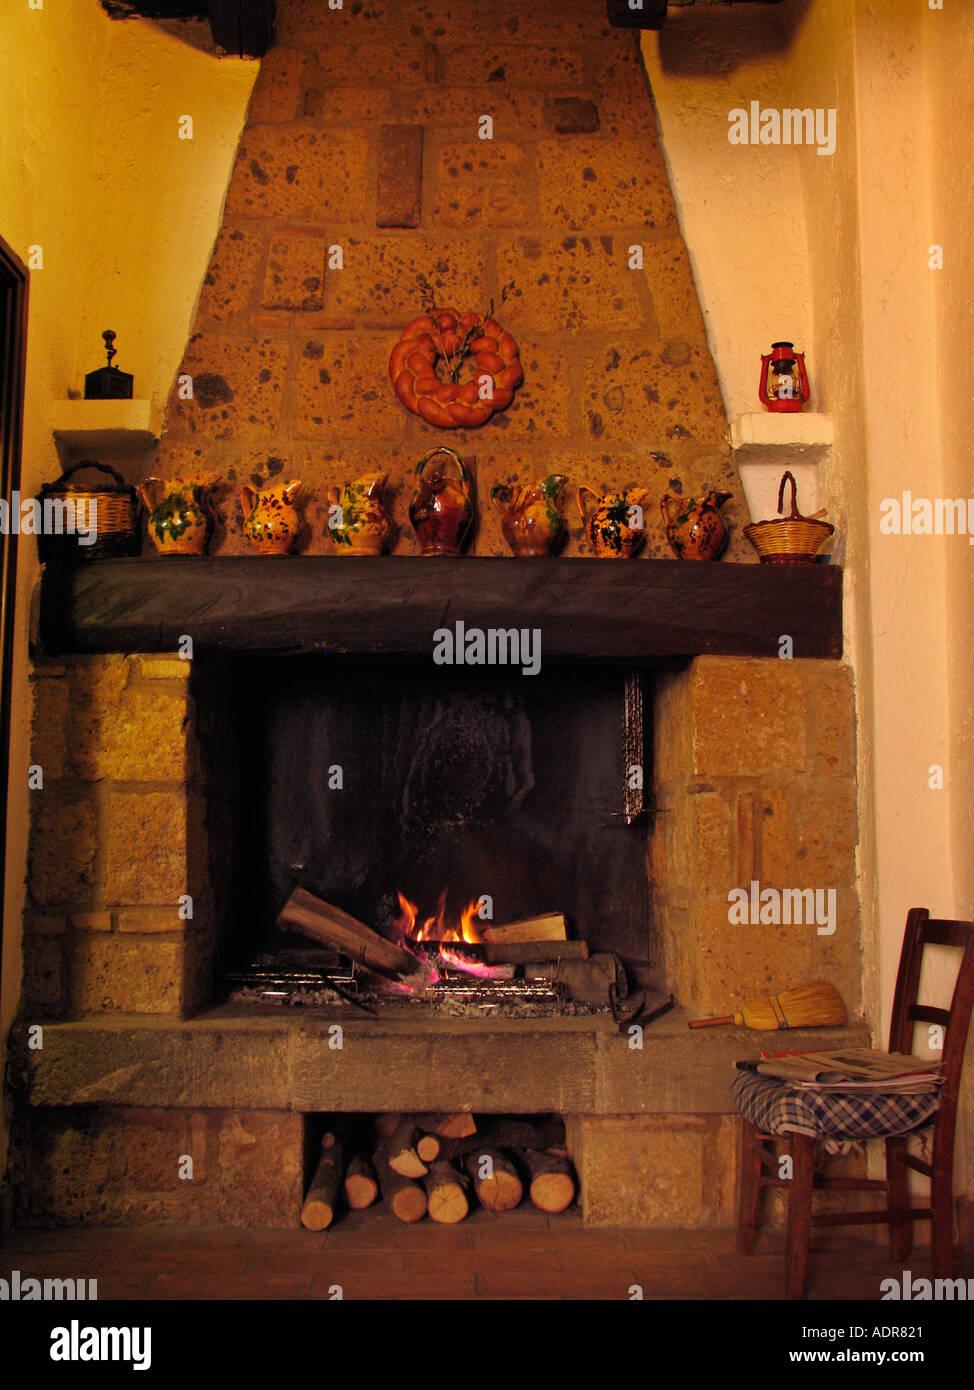 Offene Feuerstelle Kochen Feuer Im Restaurant In Der Etruskischen Hilltown Civita Di Bagnoregio Italiens Stockfotografie Alamy